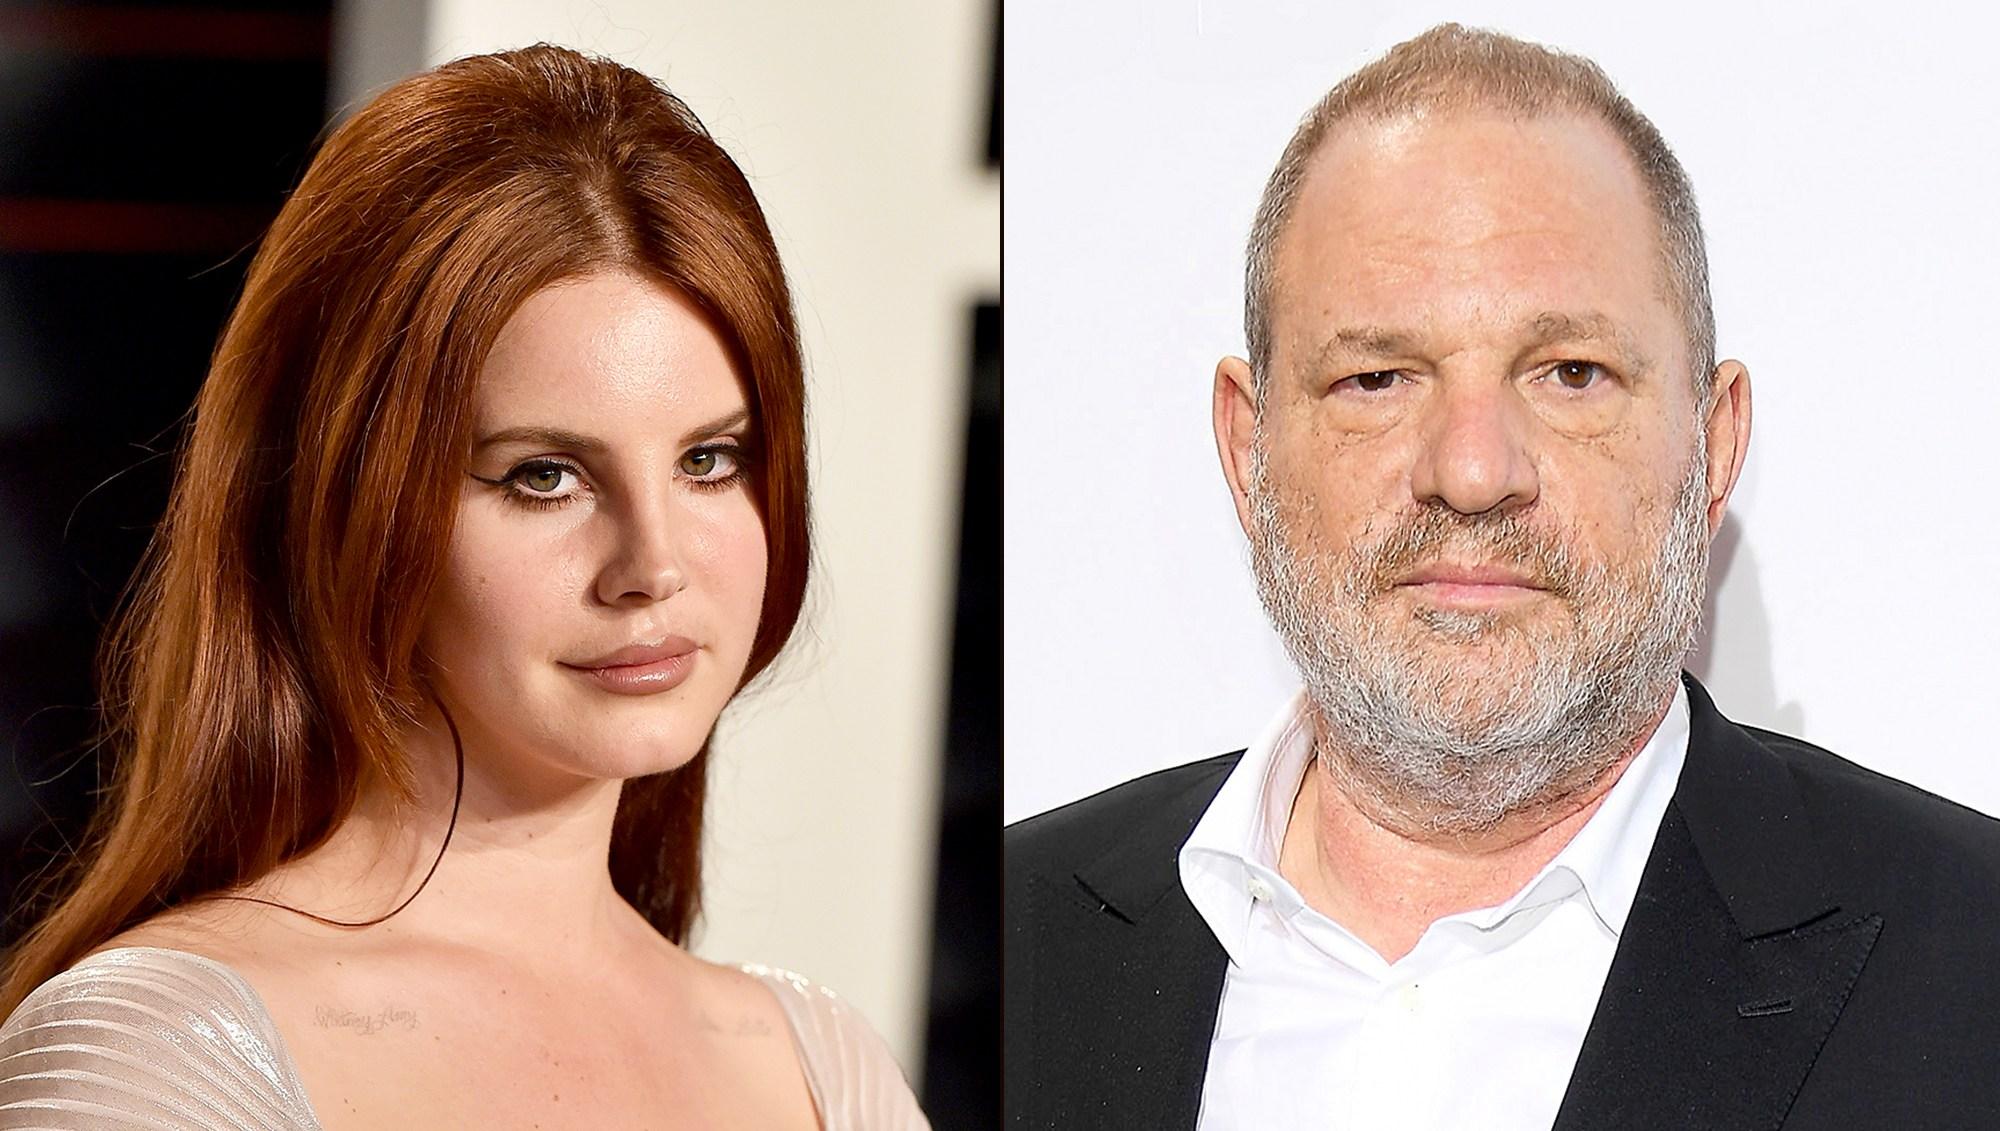 Lana Del Rey and Harvey Weinstein